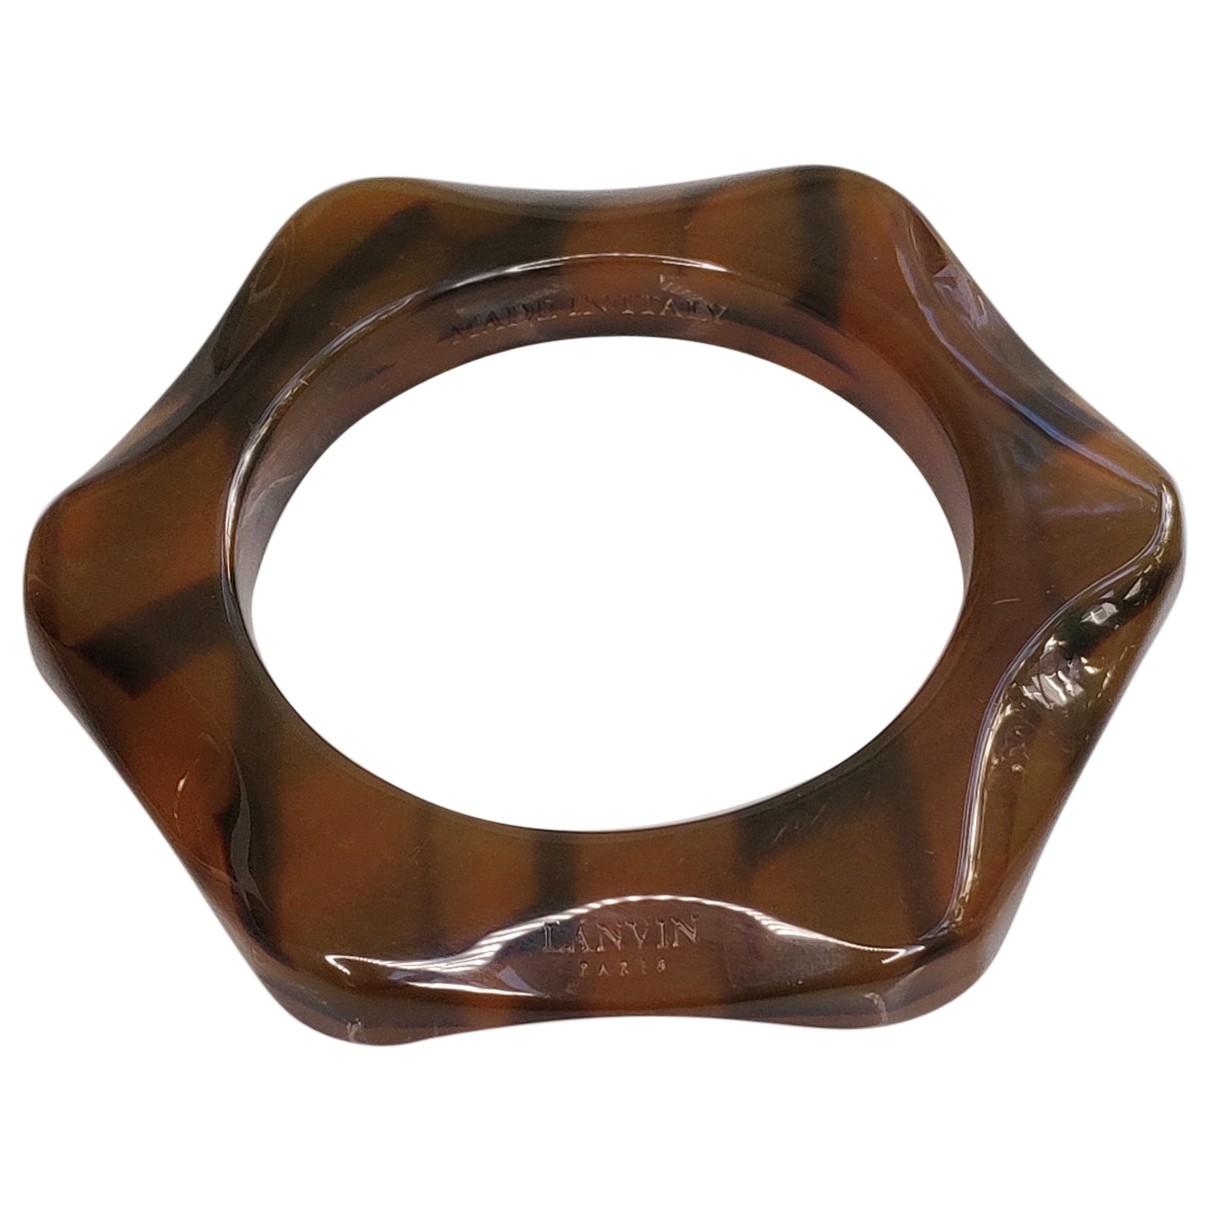 Lanvin - Bracelet   pour femme - marron